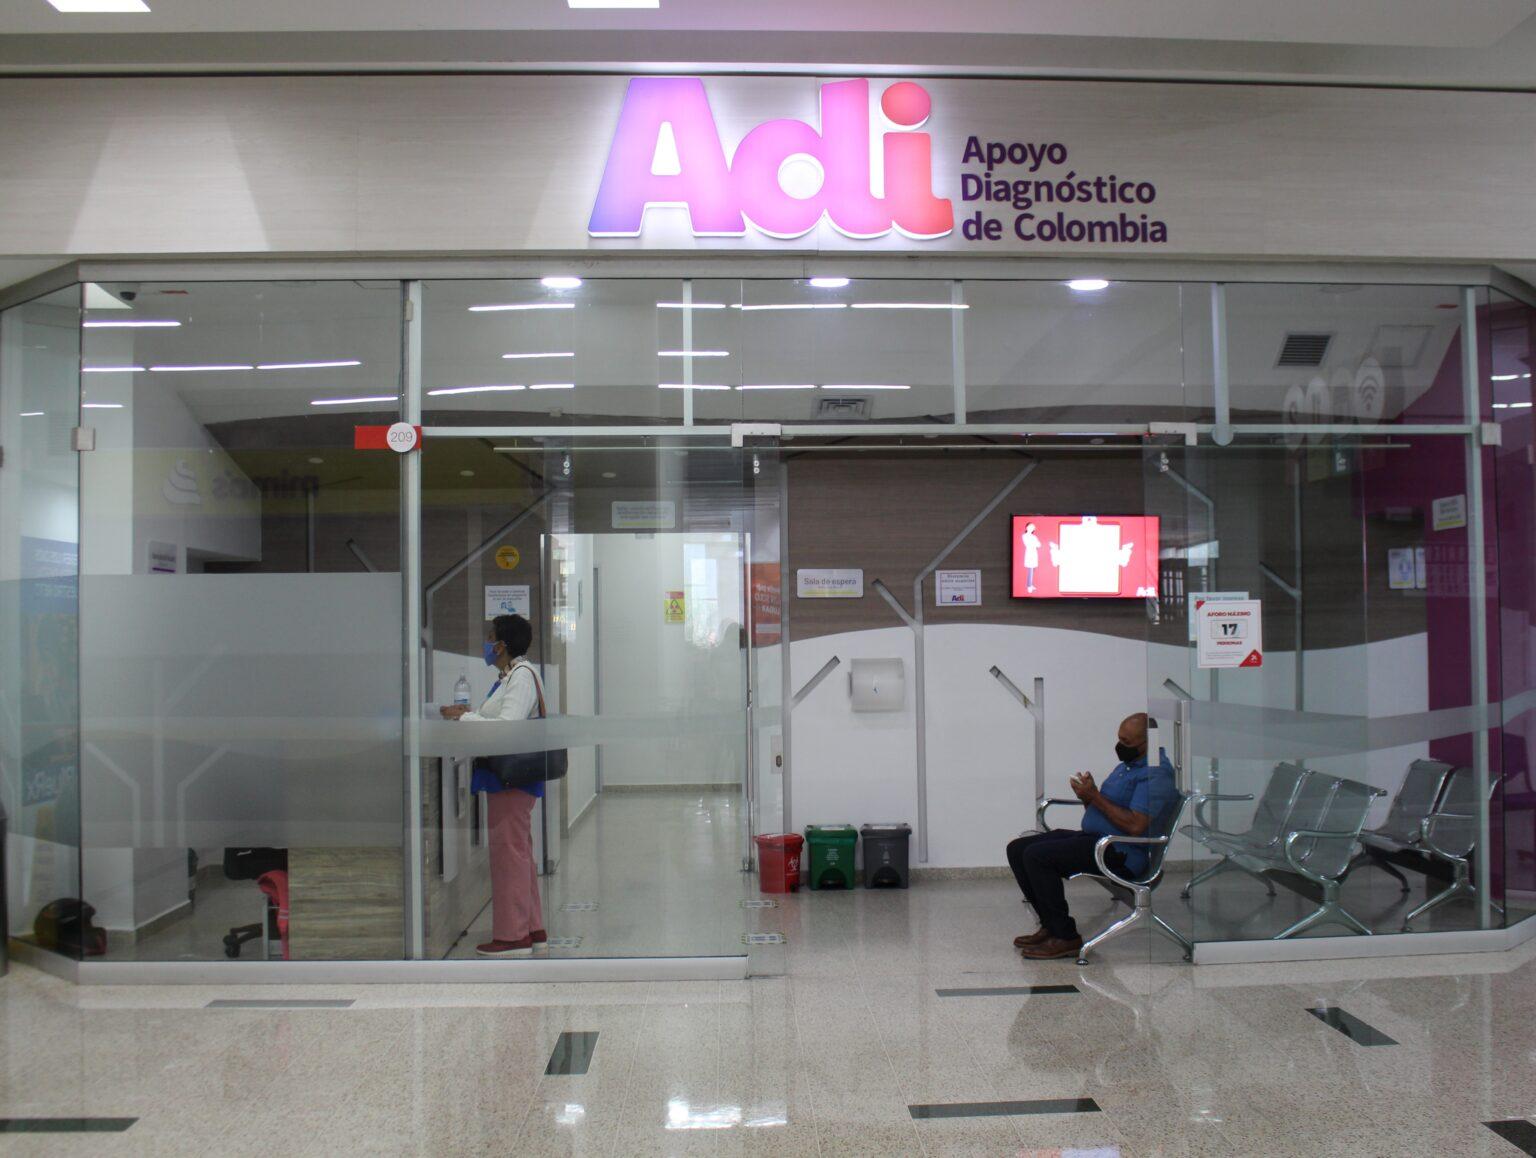 ADI – Apoyo Diagnóstico de Colombia